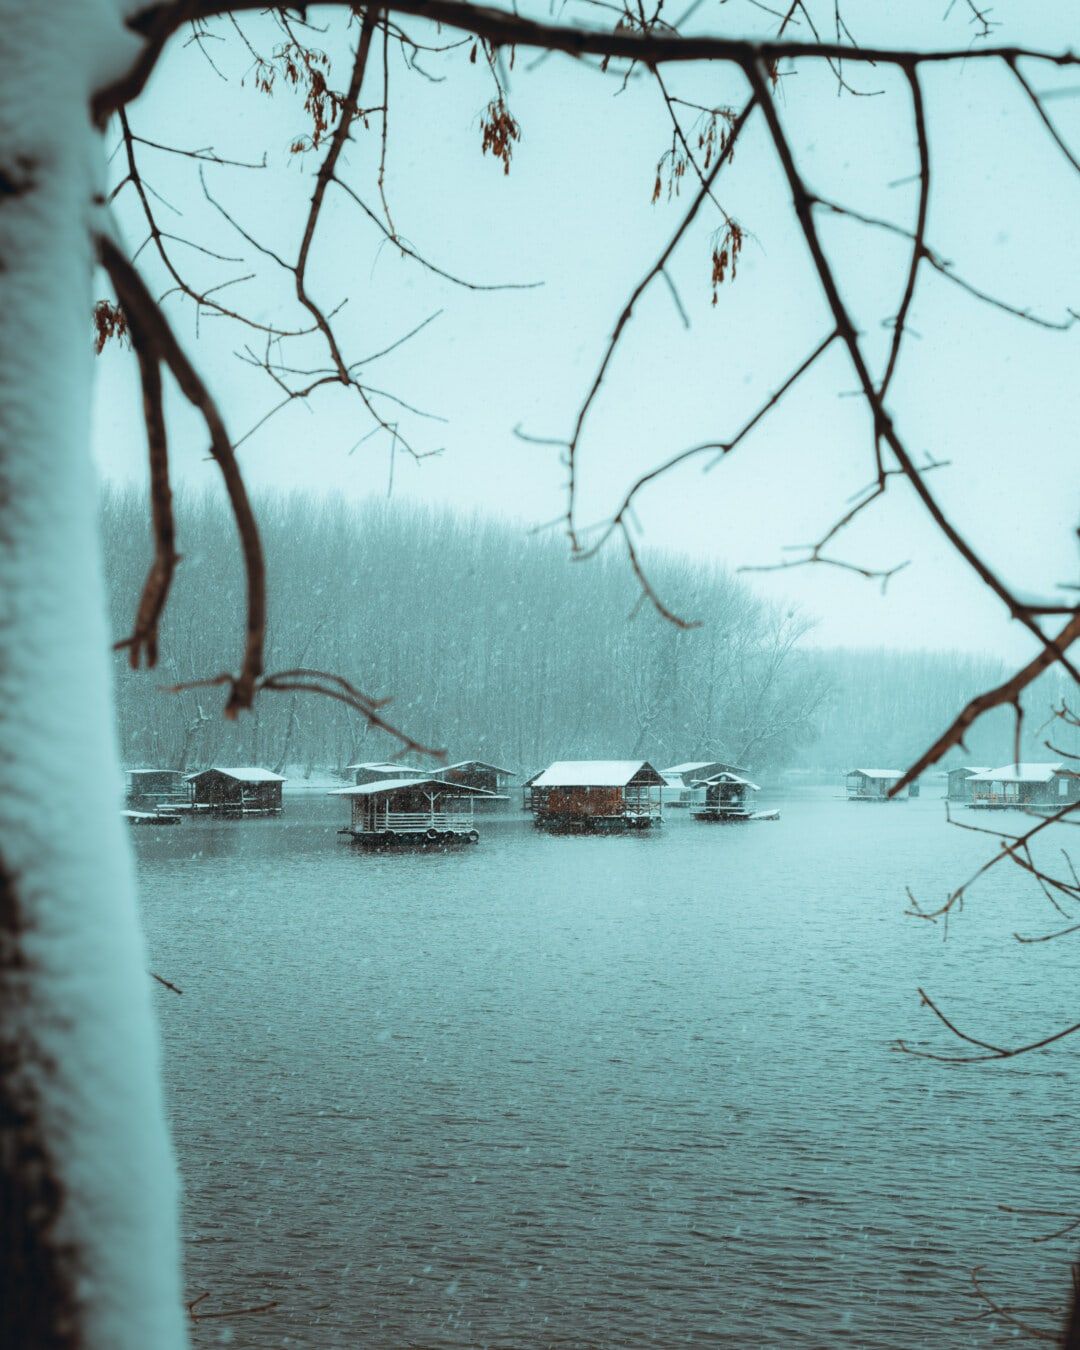 Schneeflocken, Schneesturm, Bootshaus, am See, eisig, kaltes Wasser, Struktur, Schnee, Winter, Wasser